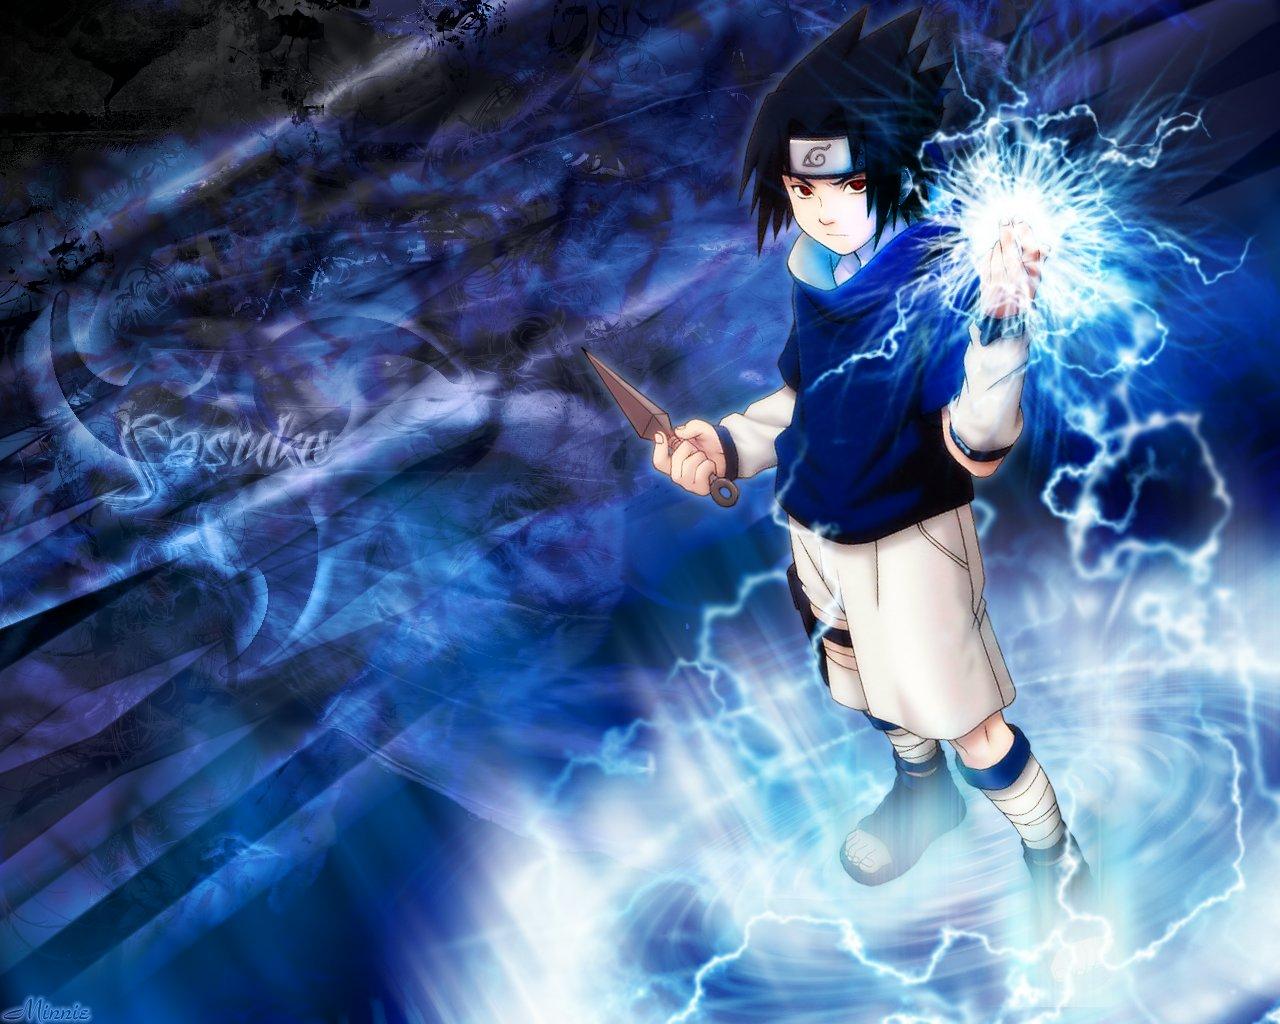 http://3.bp.blogspot.com/_FNQgkfCwYxs/TDheztgOTaI/AAAAAAAACjc/DBDHrmx8V74/s1600/wallpaper-anime-naruto-destop-winxp.jpg